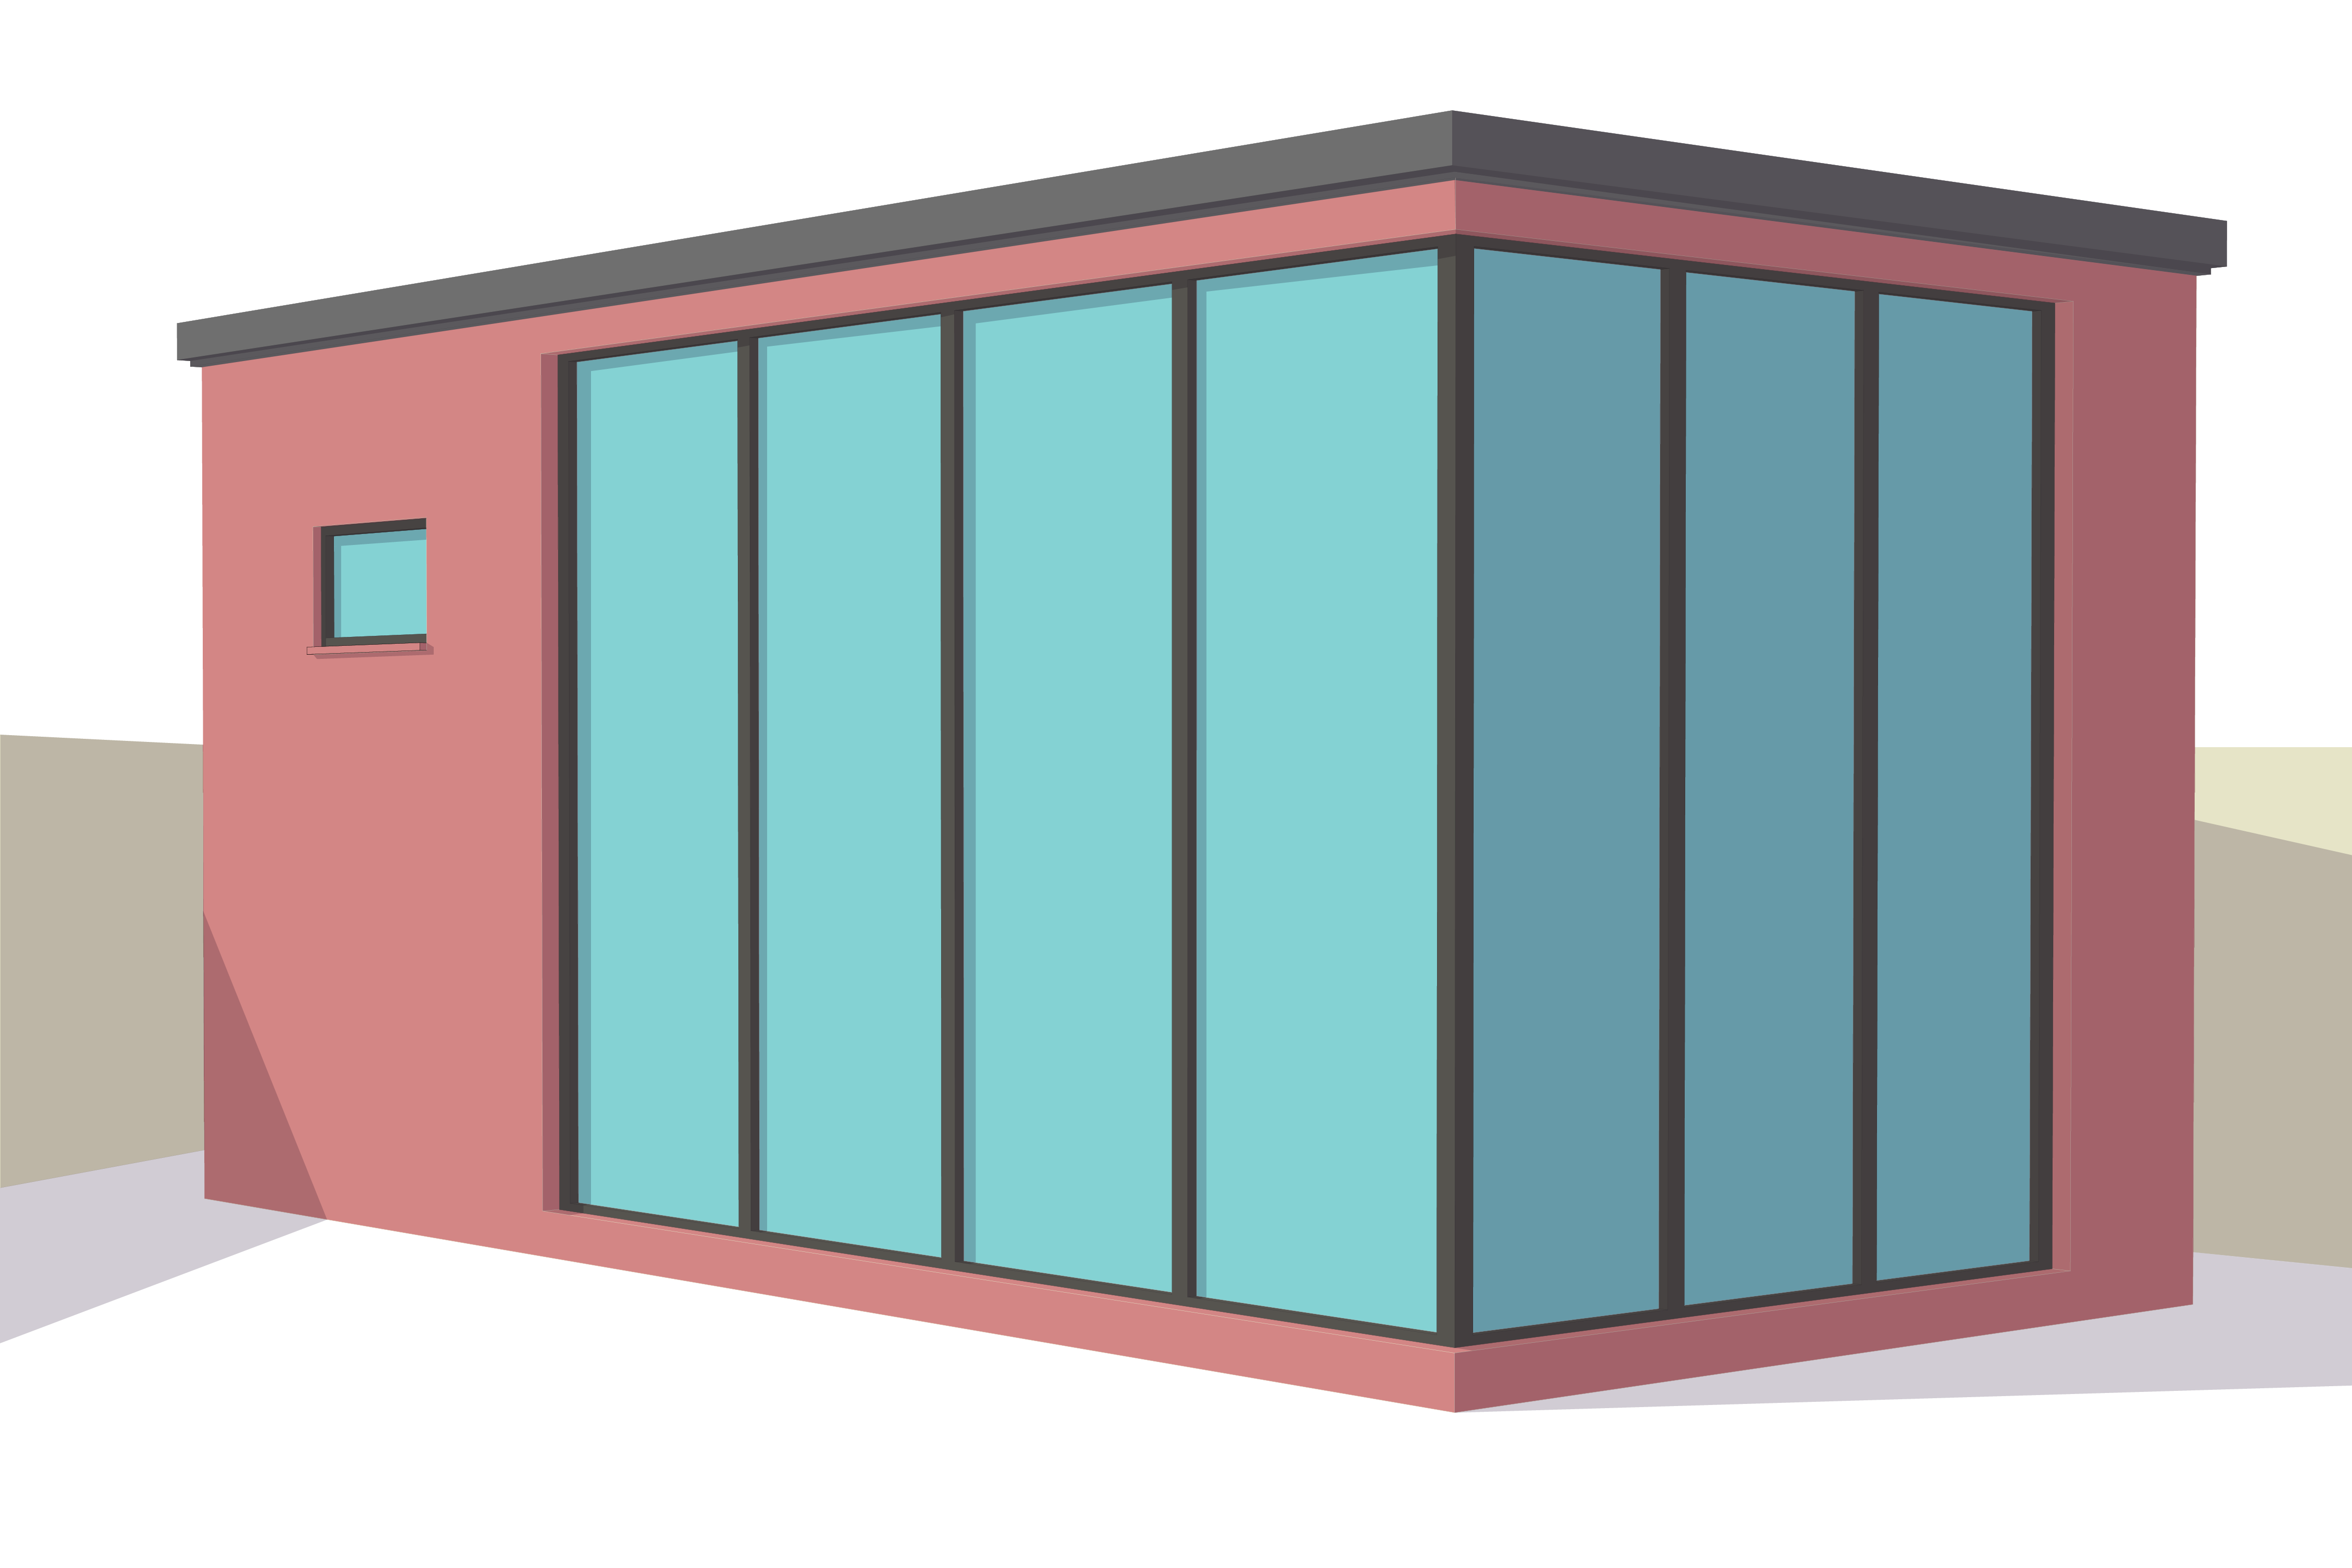 A modern garden room or granny annexe in residential garden